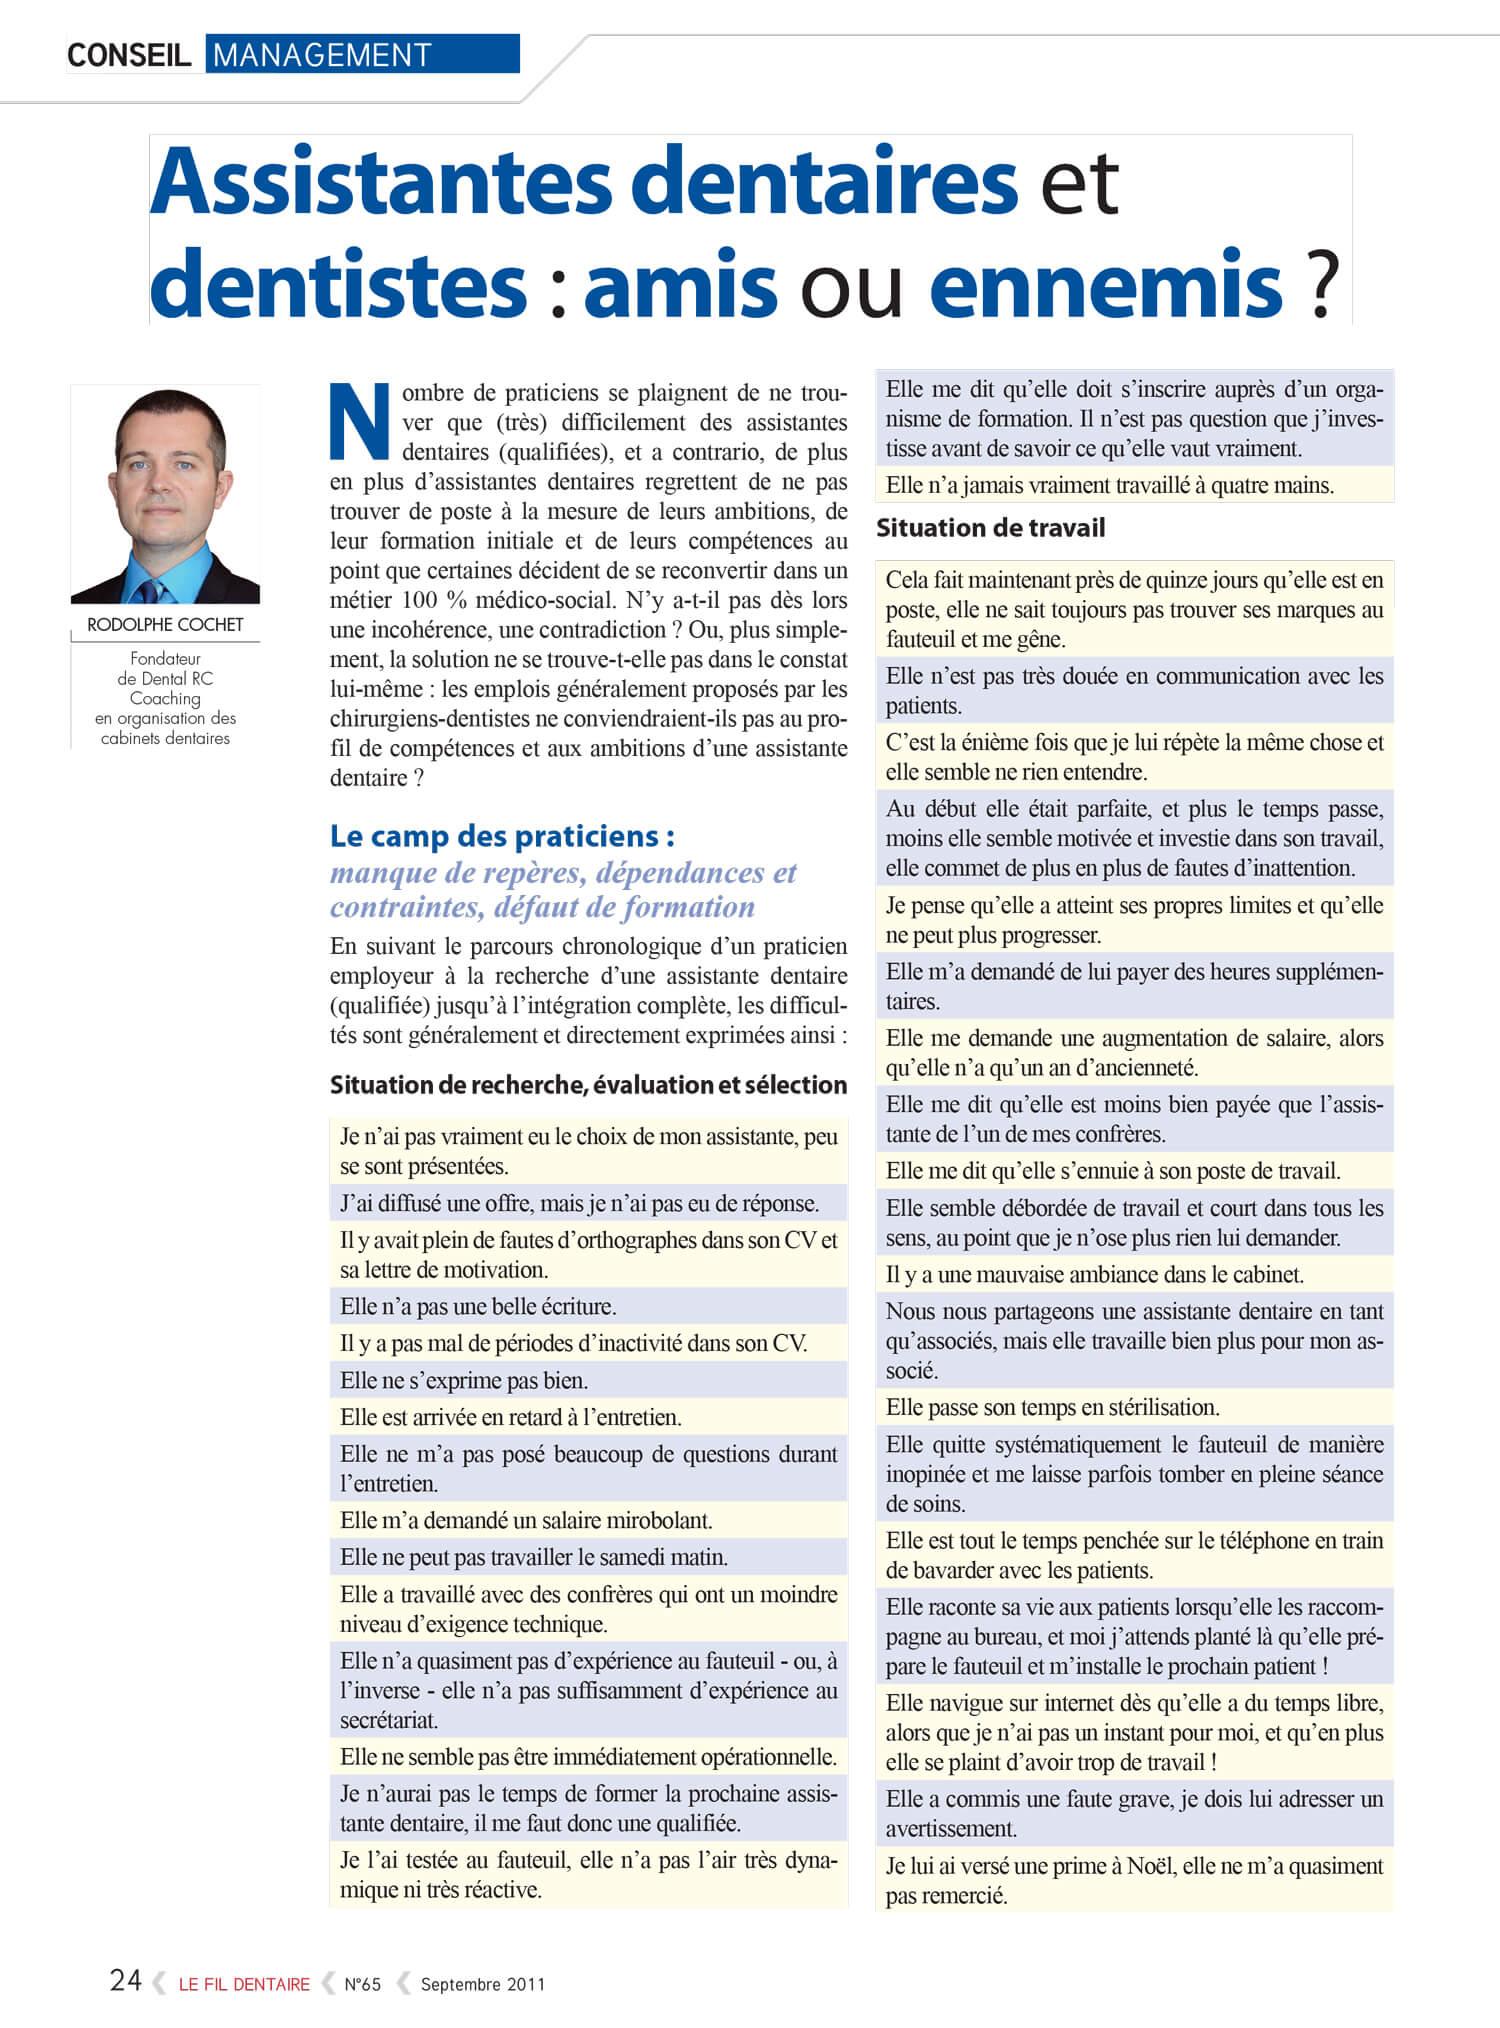 Assistantes-dentaires-dentistes-amis-ennemis-le-fil-dentaire-rodolphe-cochet-management2-1.jpg